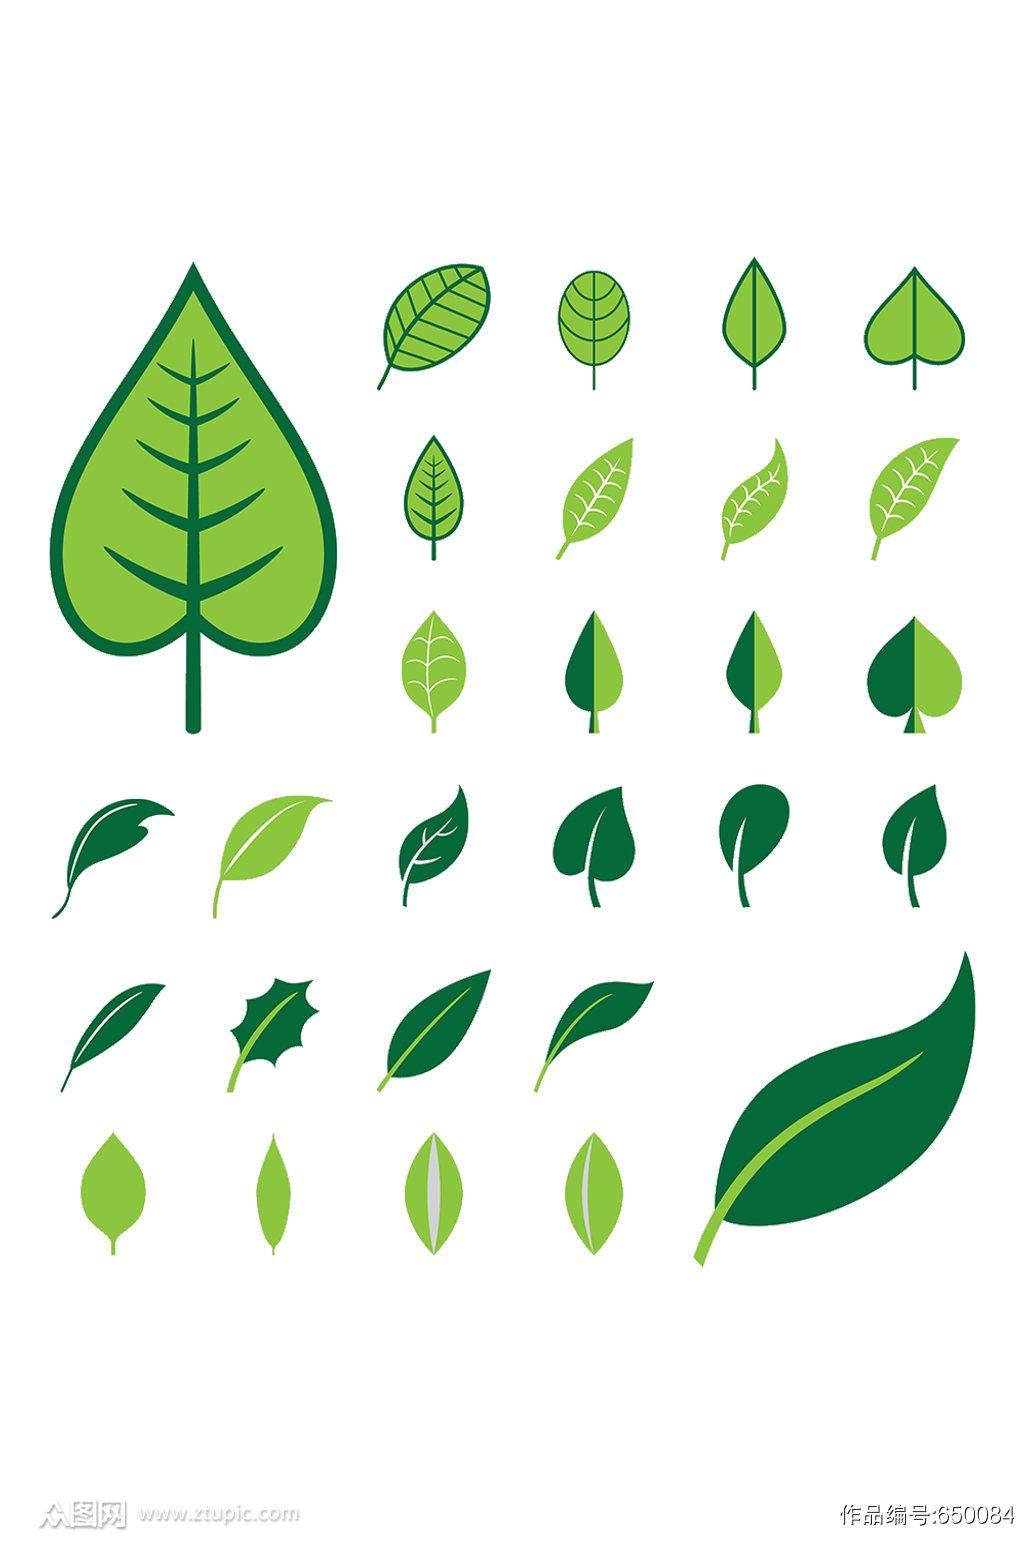 植物手绘绿叶叶子素材素材